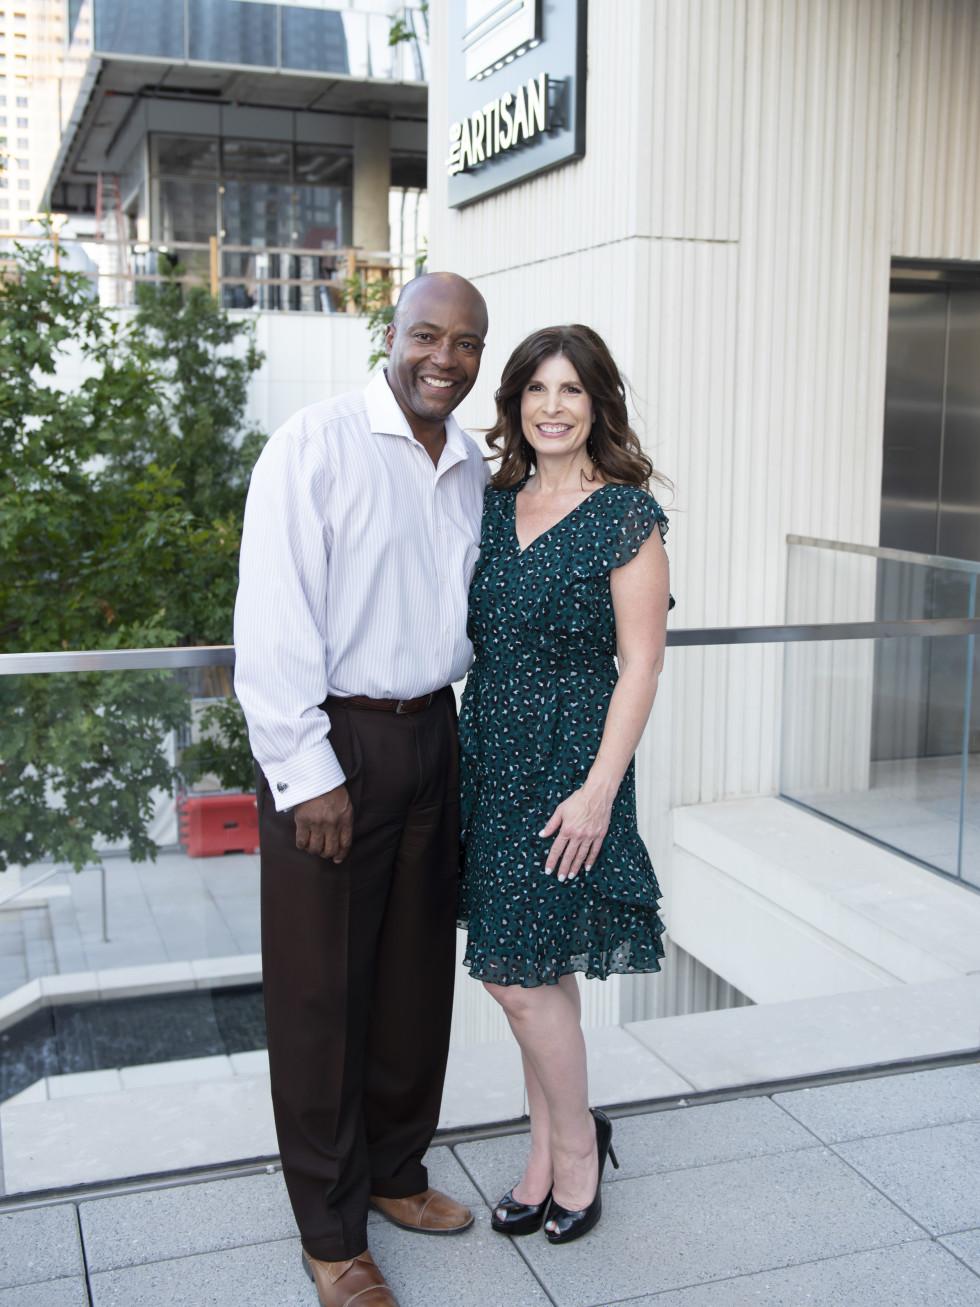 Darryl Jett and Jennifer Wasserman